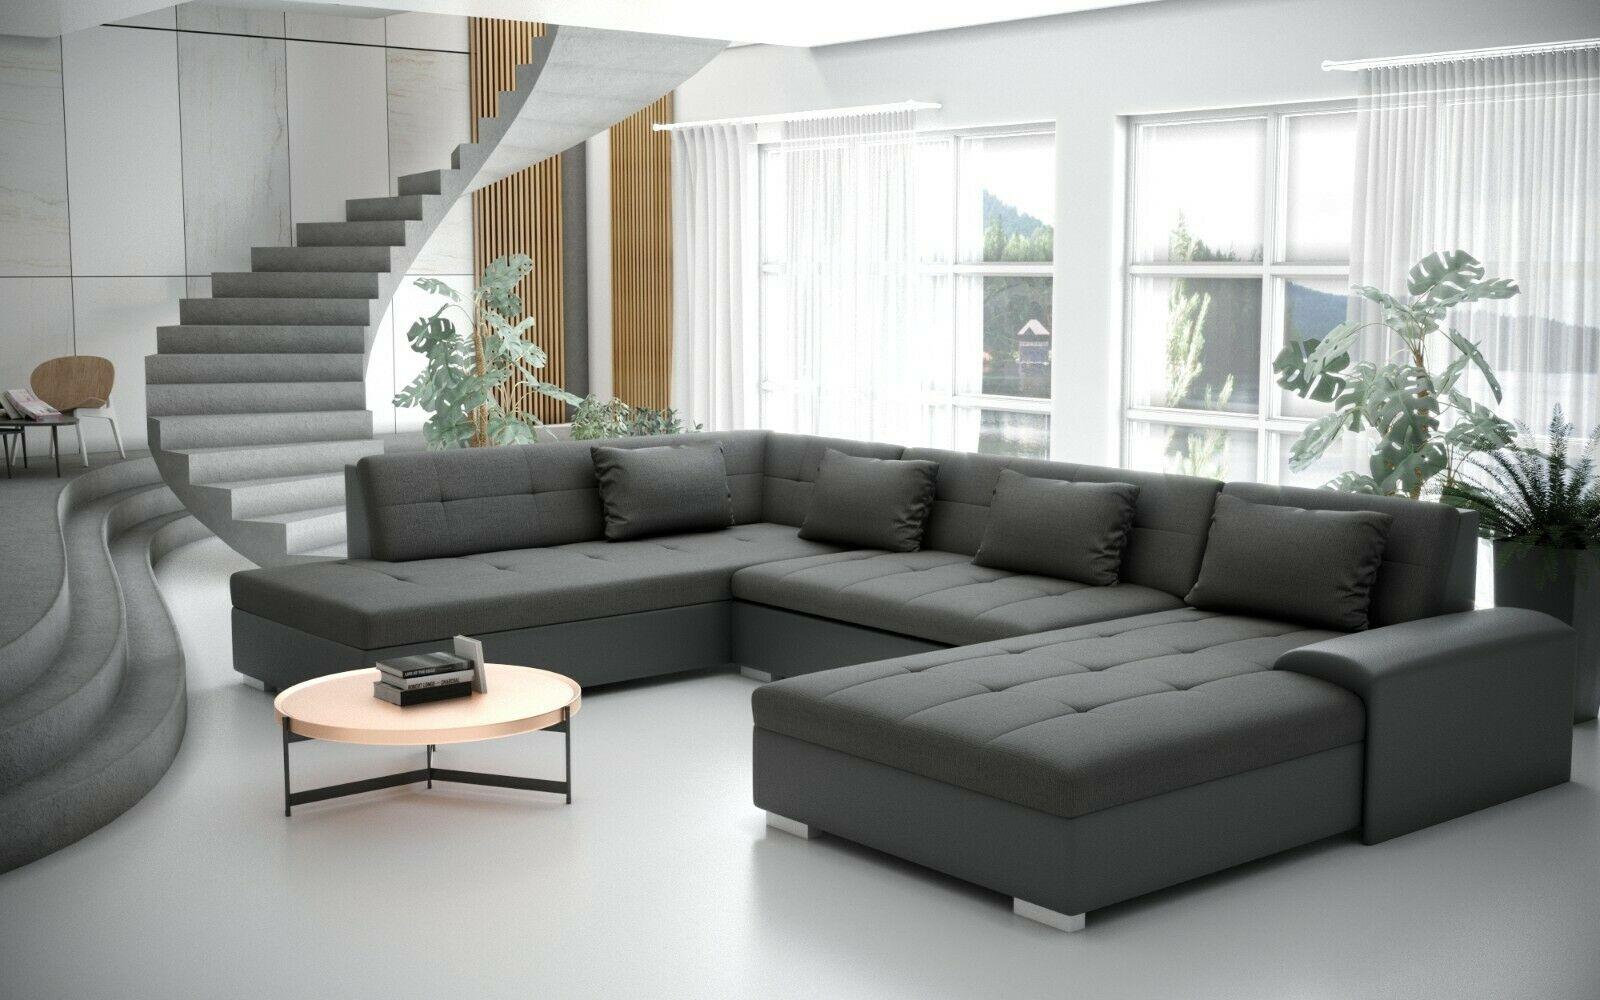 Full Size of Sofa Garnitur Echtleder 3 Teilig Ikea Garnituren Moderne 2 Couchgarnitur Leder Kaufen Couch 1 Billiger Kasper Wohndesign Schwarz 3 2 1 Sofa Garnitur 3/2/1 Sofa Sofa Garnitur